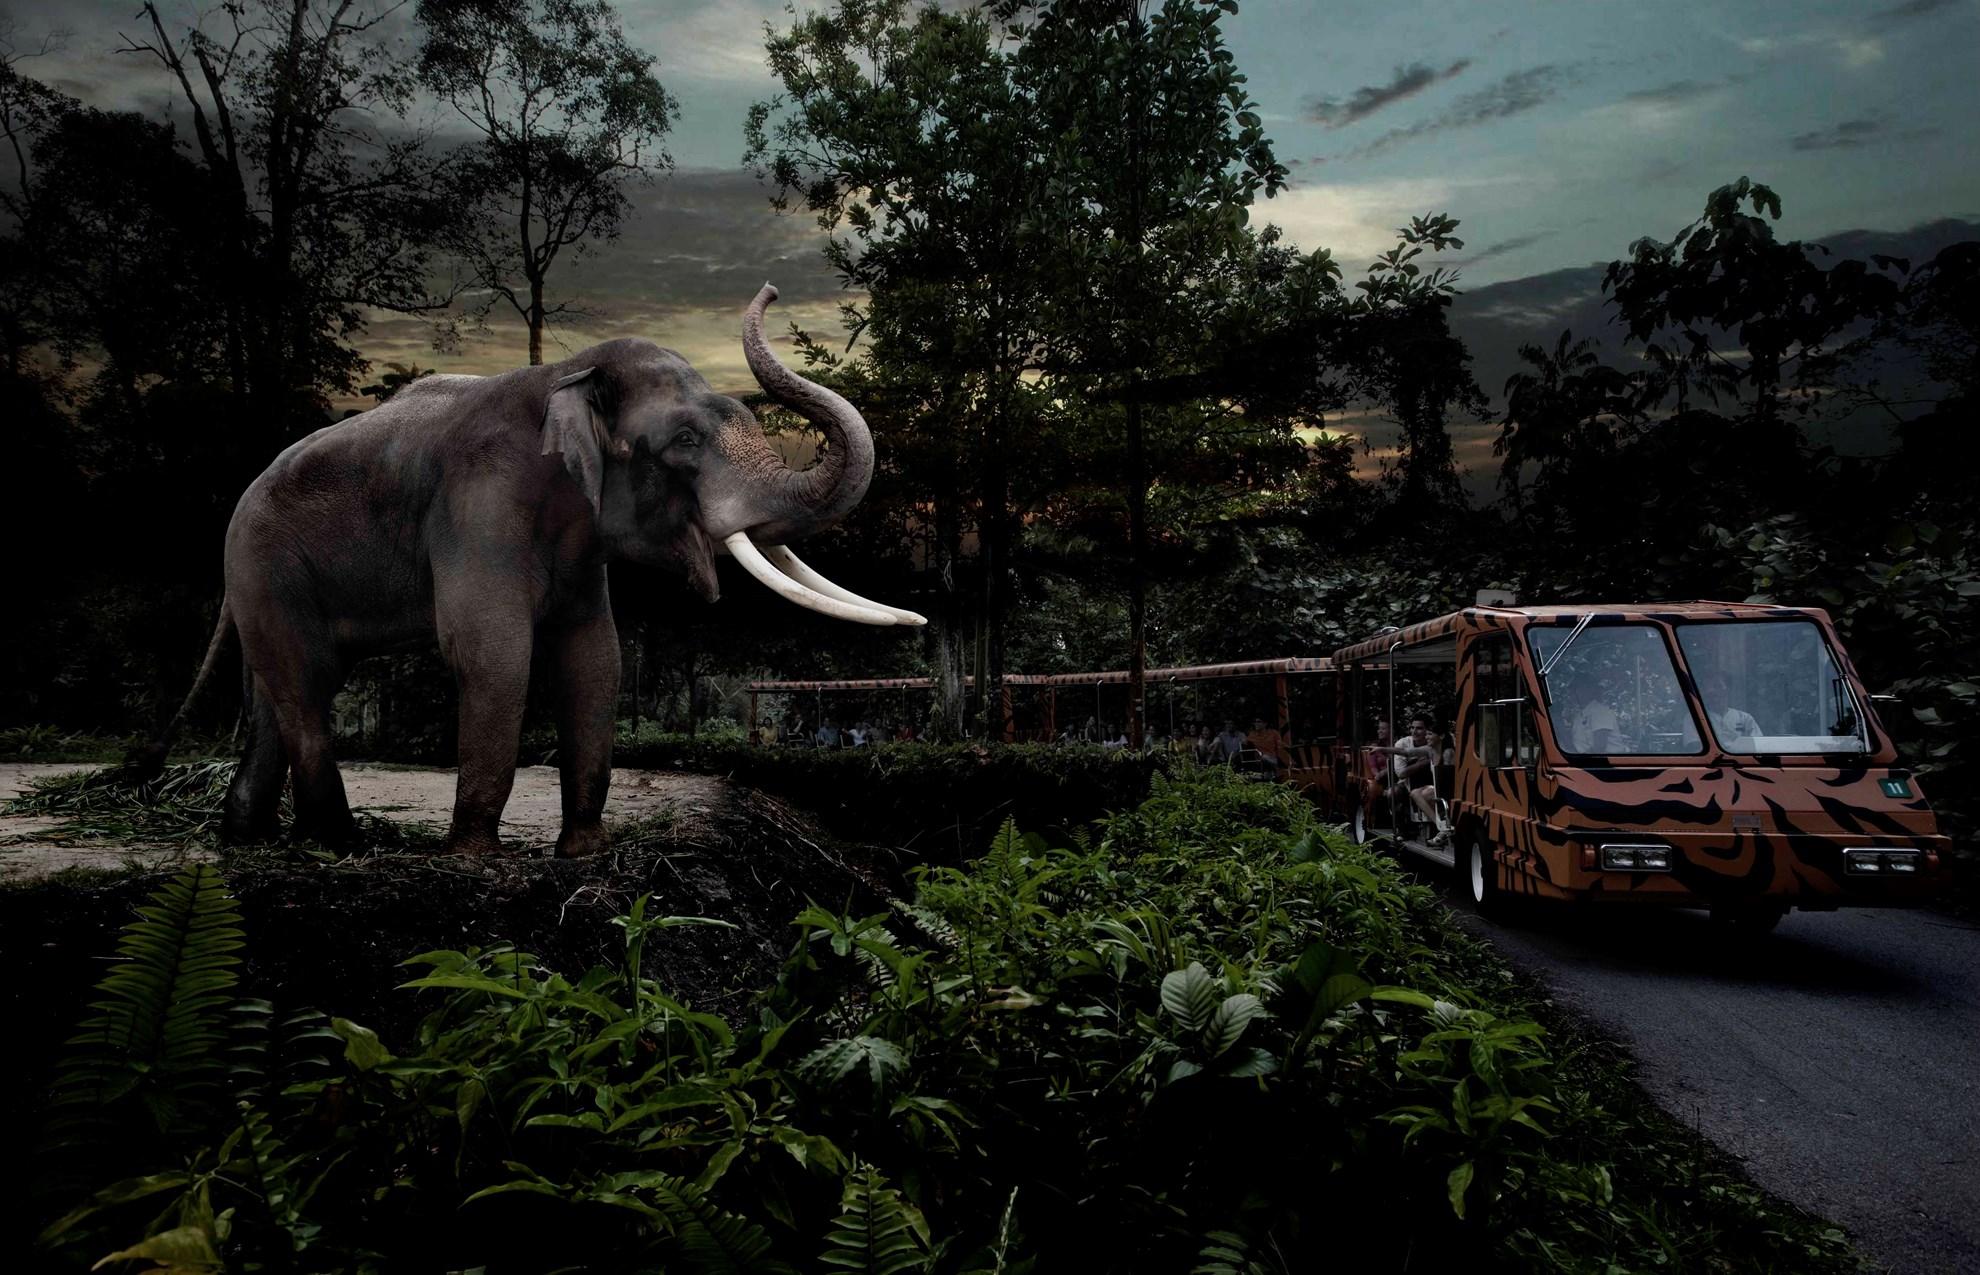 Vé tham quan Singapore Night Safari và dịch vụ đưa đón